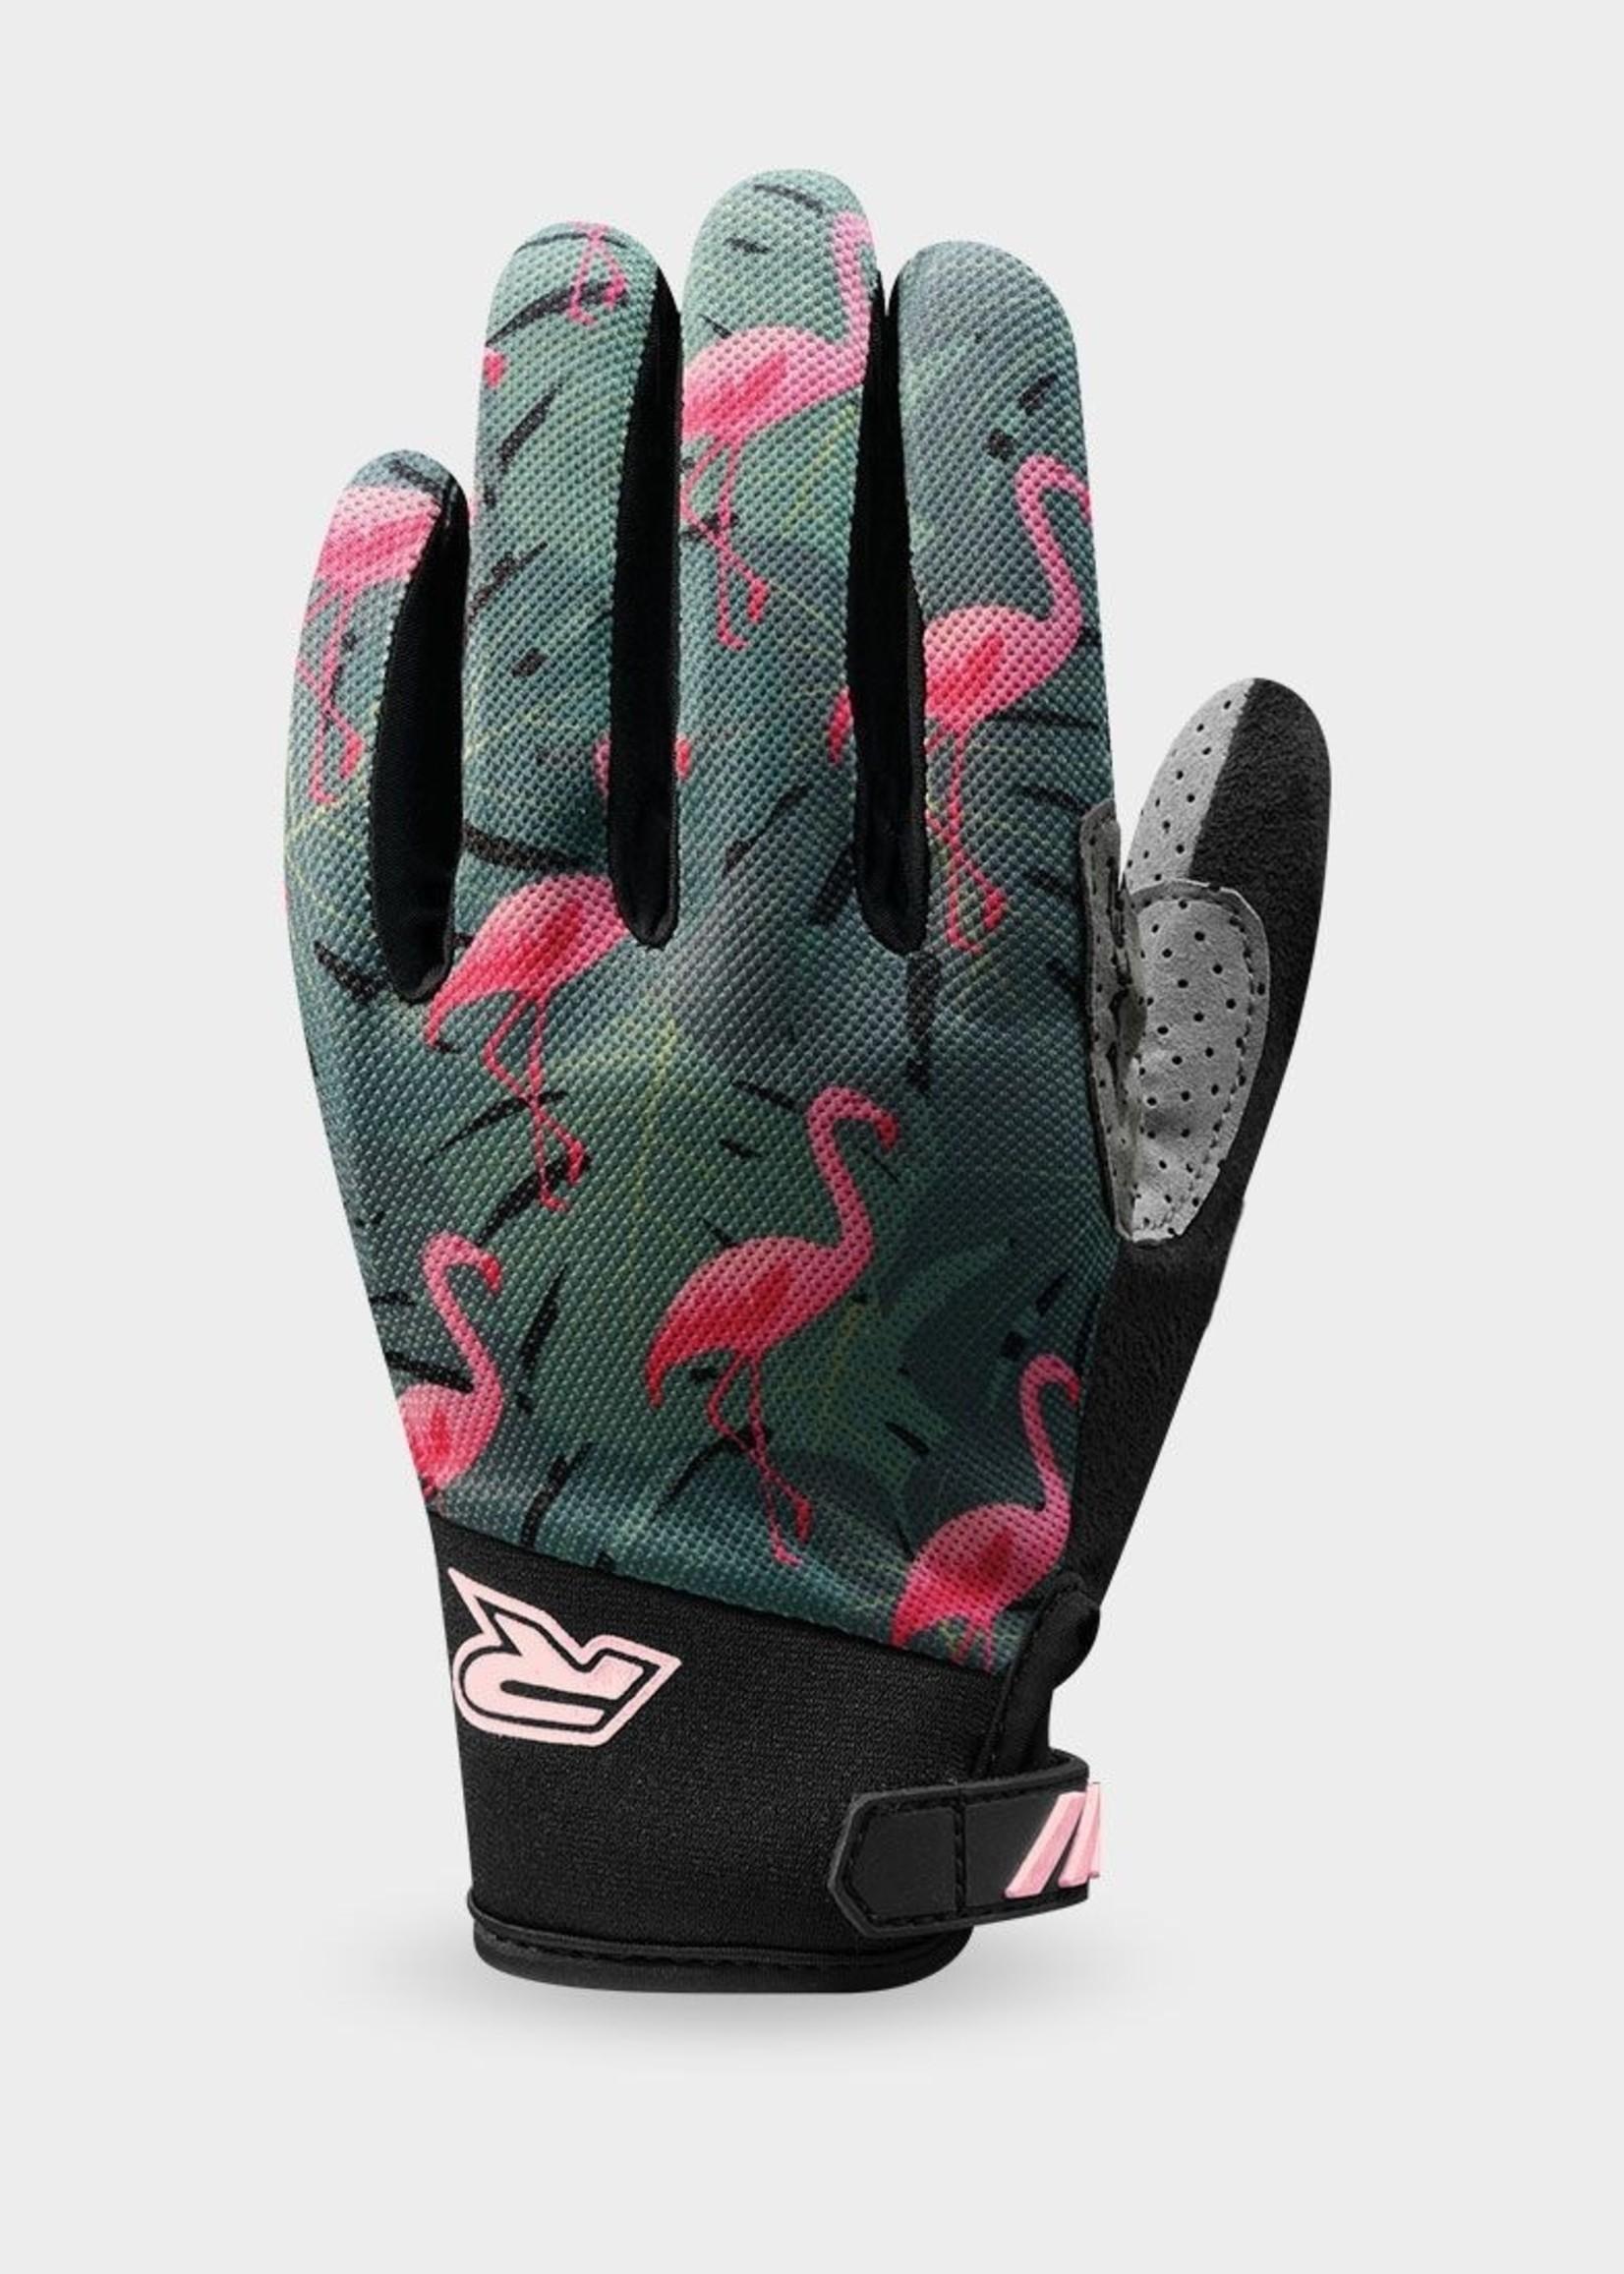 Racer Racer GP Style Gloves